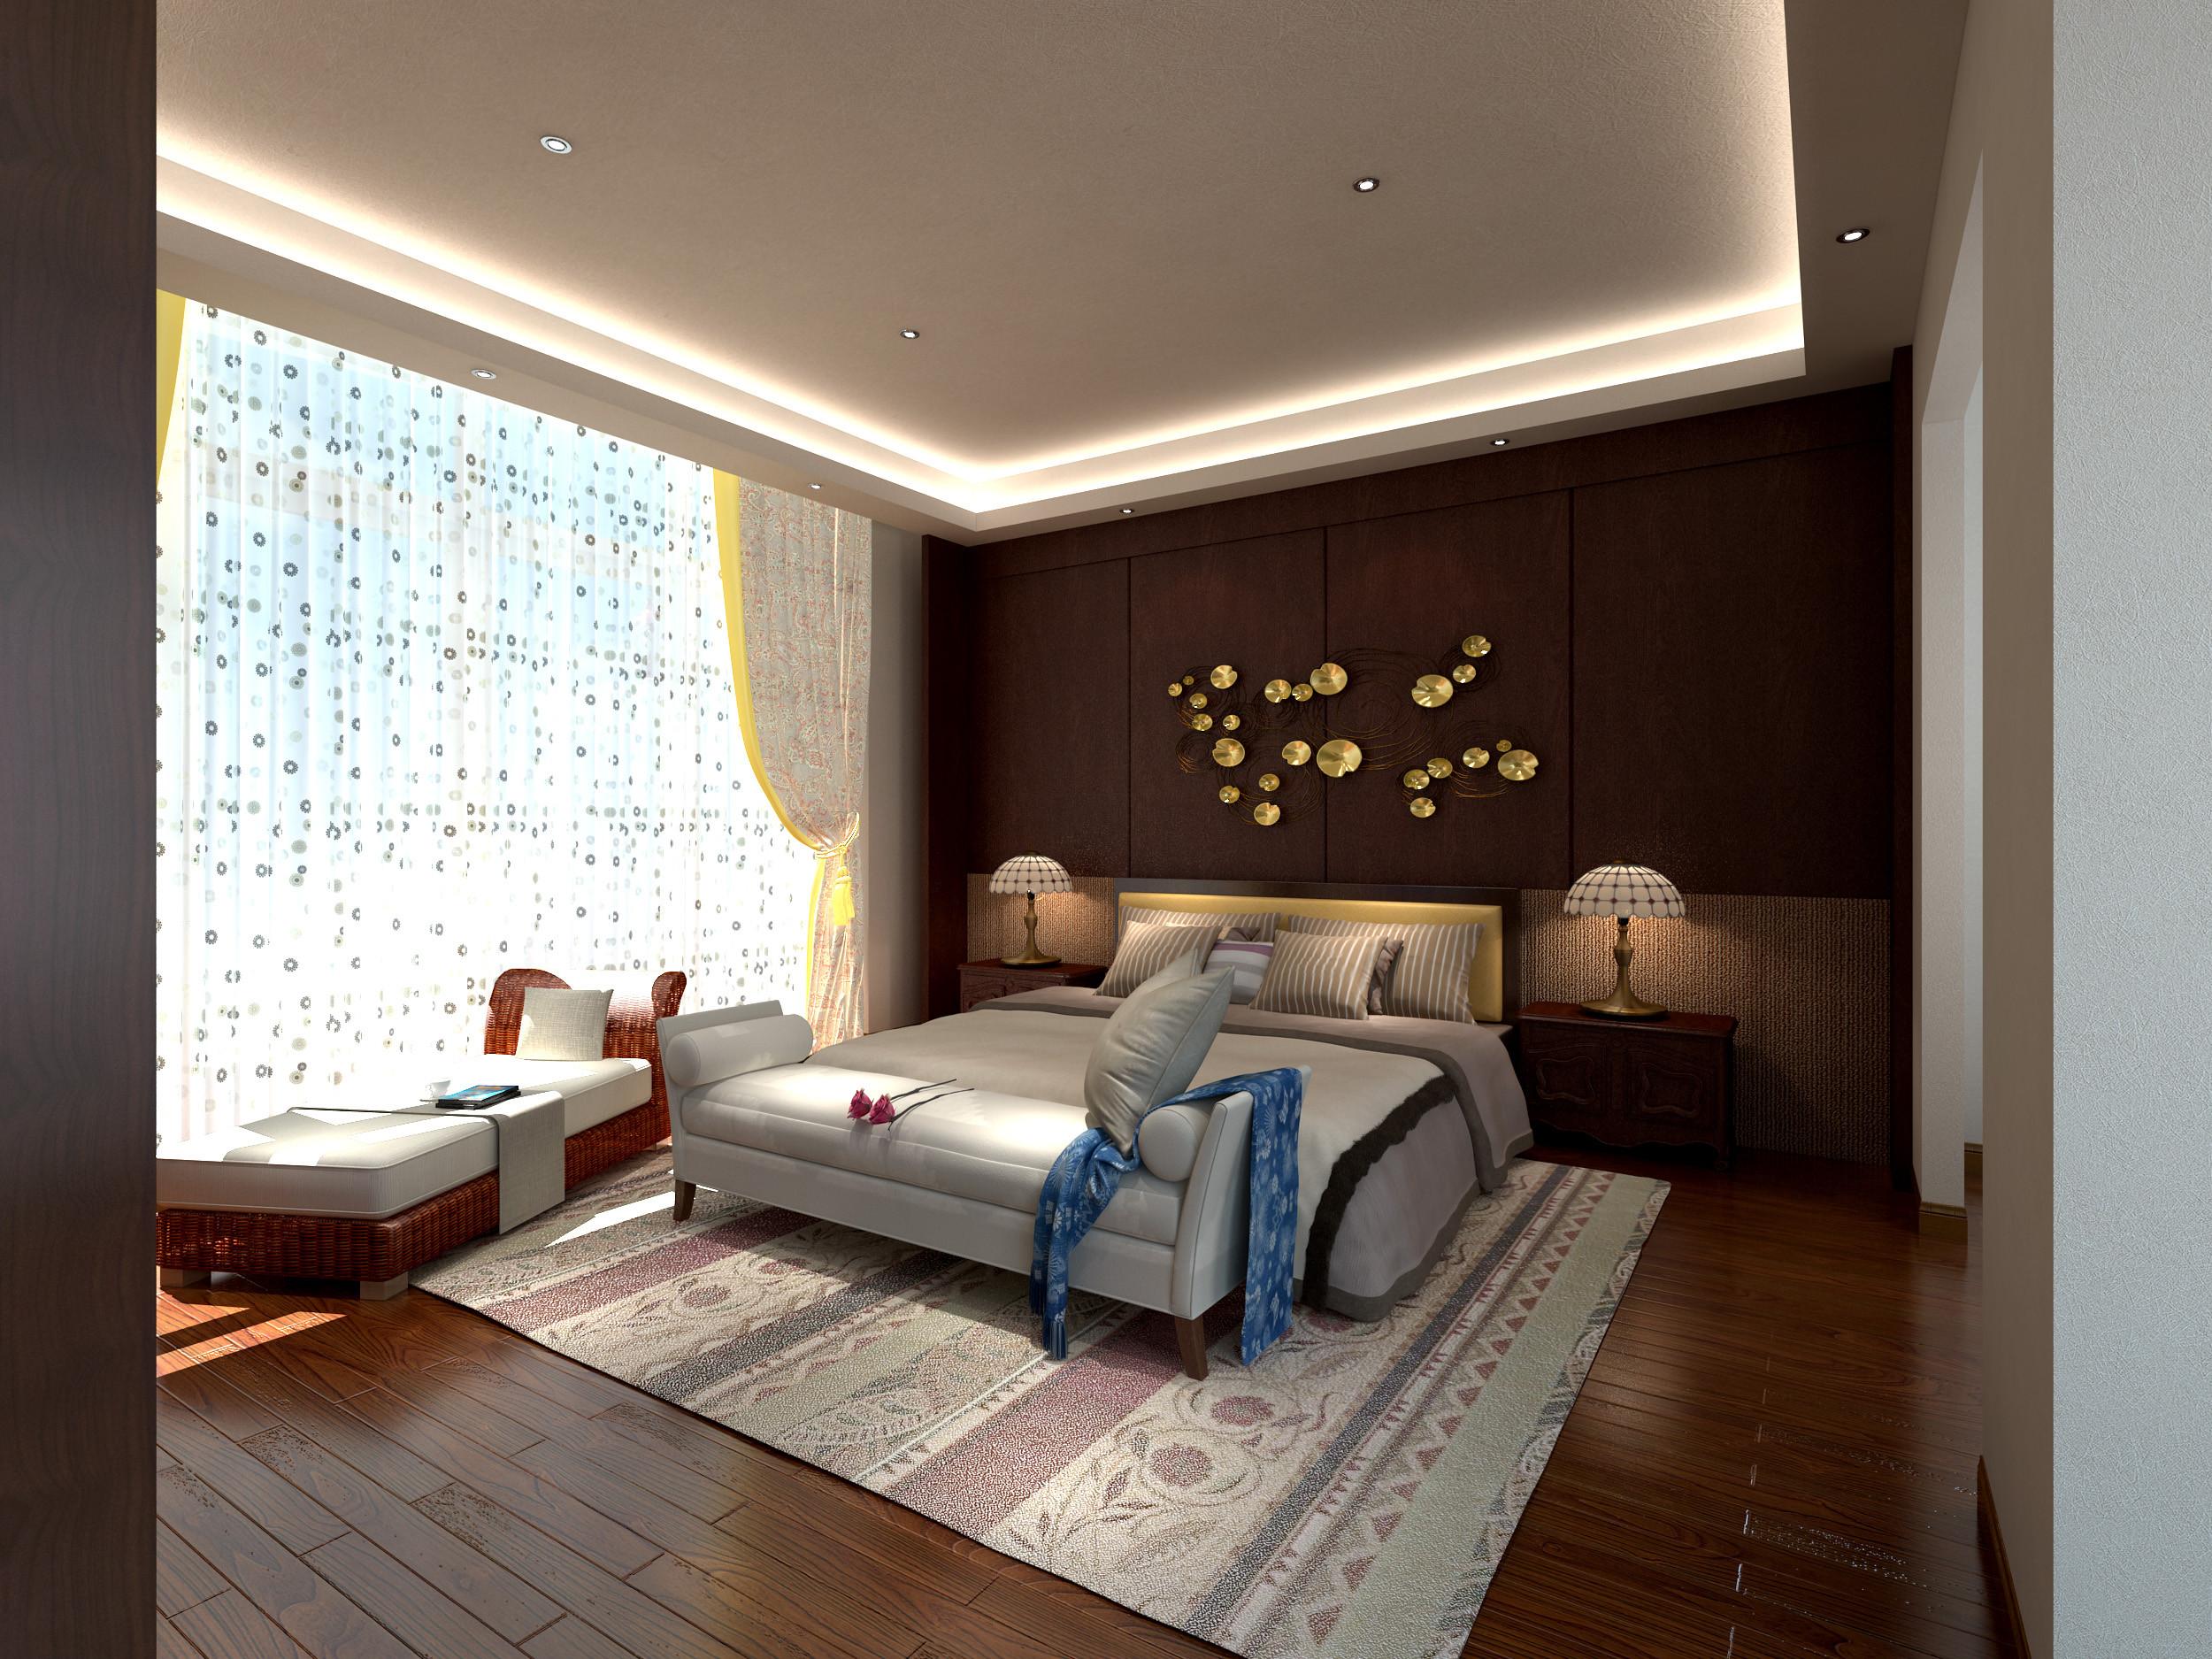 新中式别墅装修床头墙设计